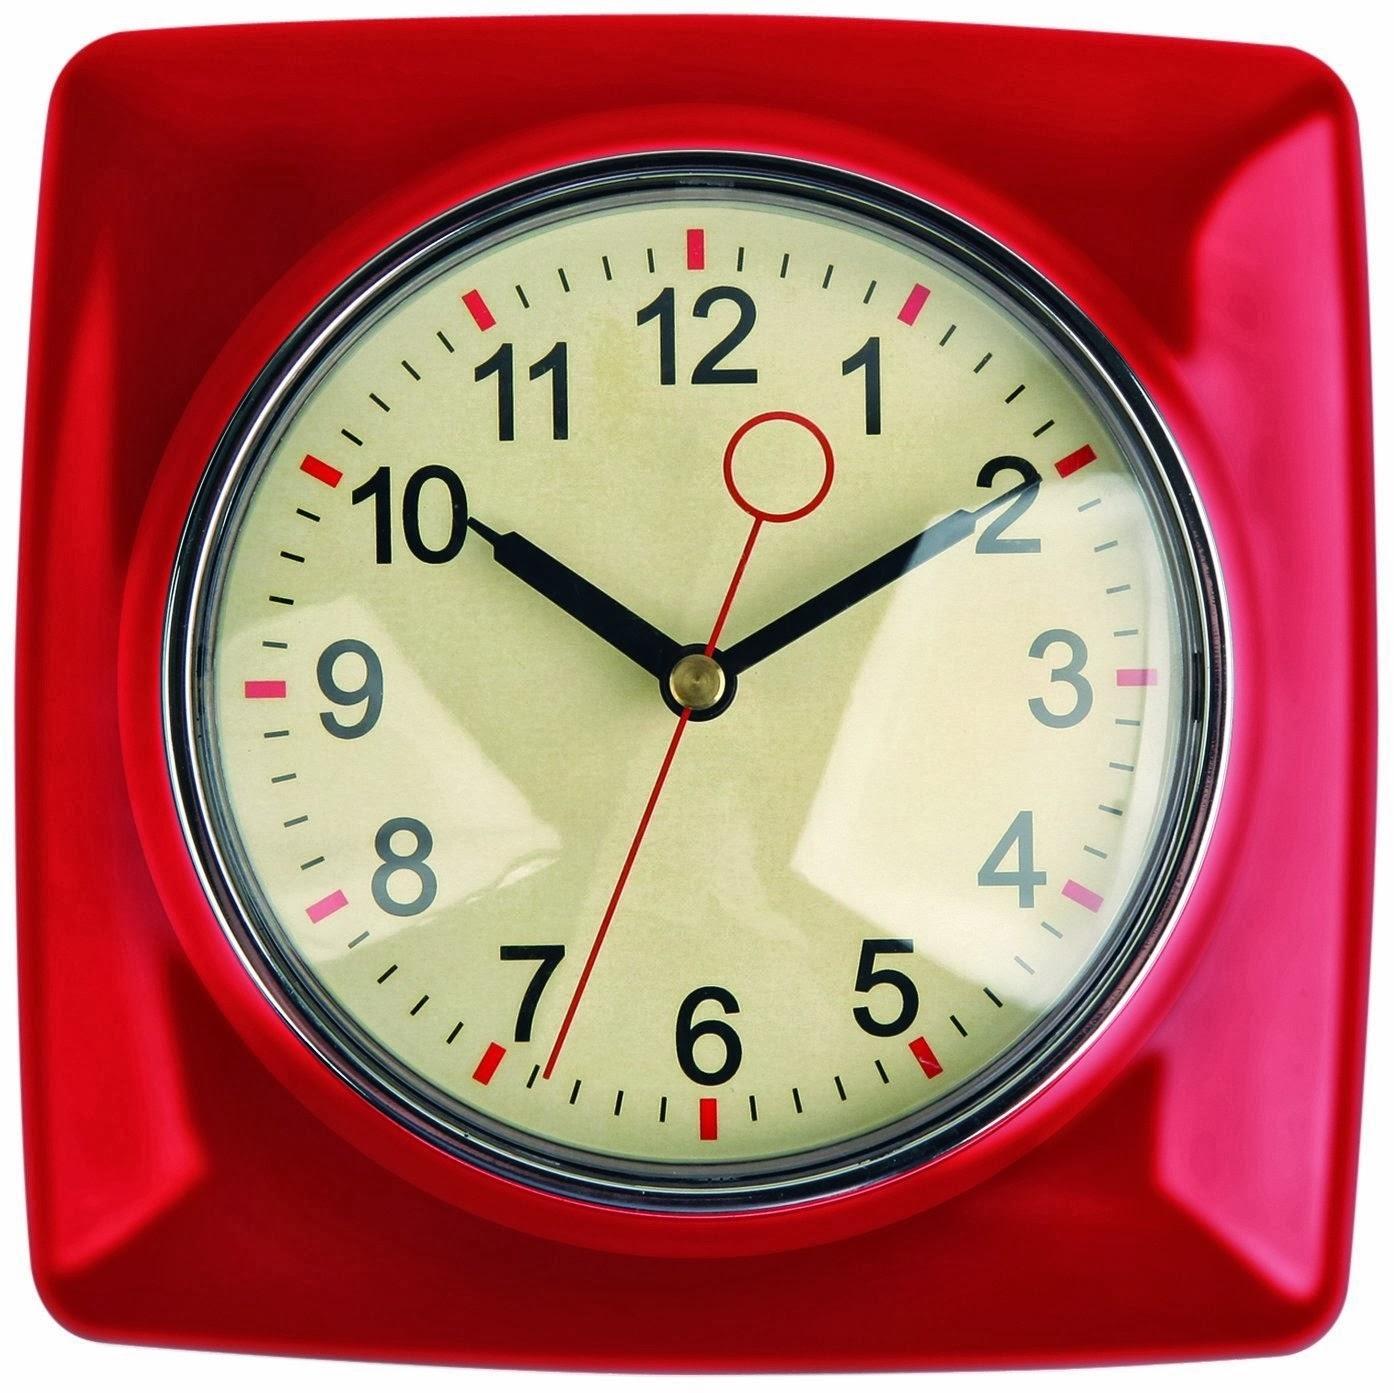 Genial Kikkerland Retro Kitchen Wall Clock, Black